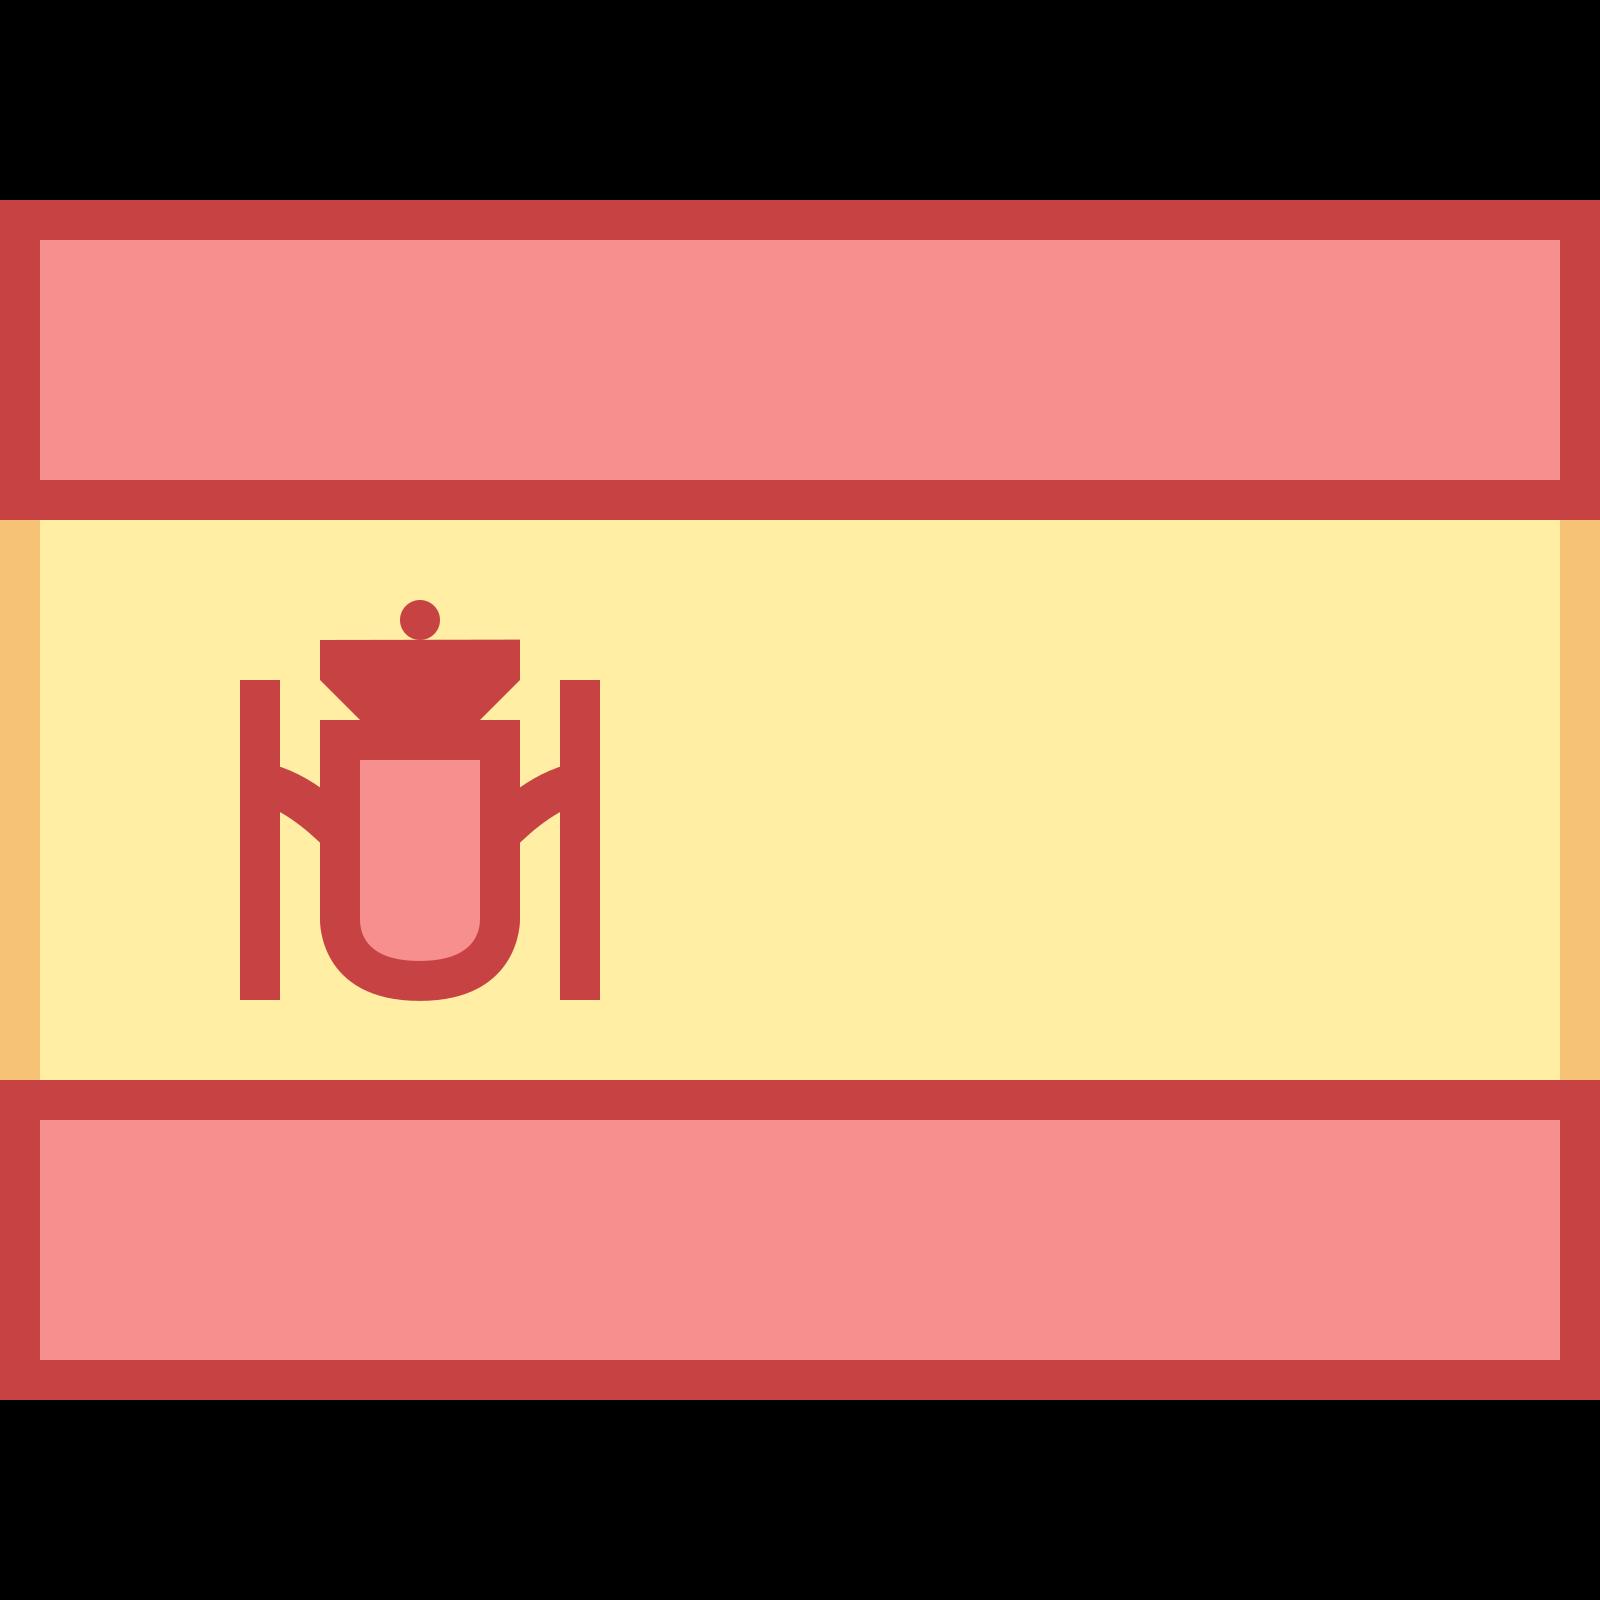 Hiszpania 2 icon